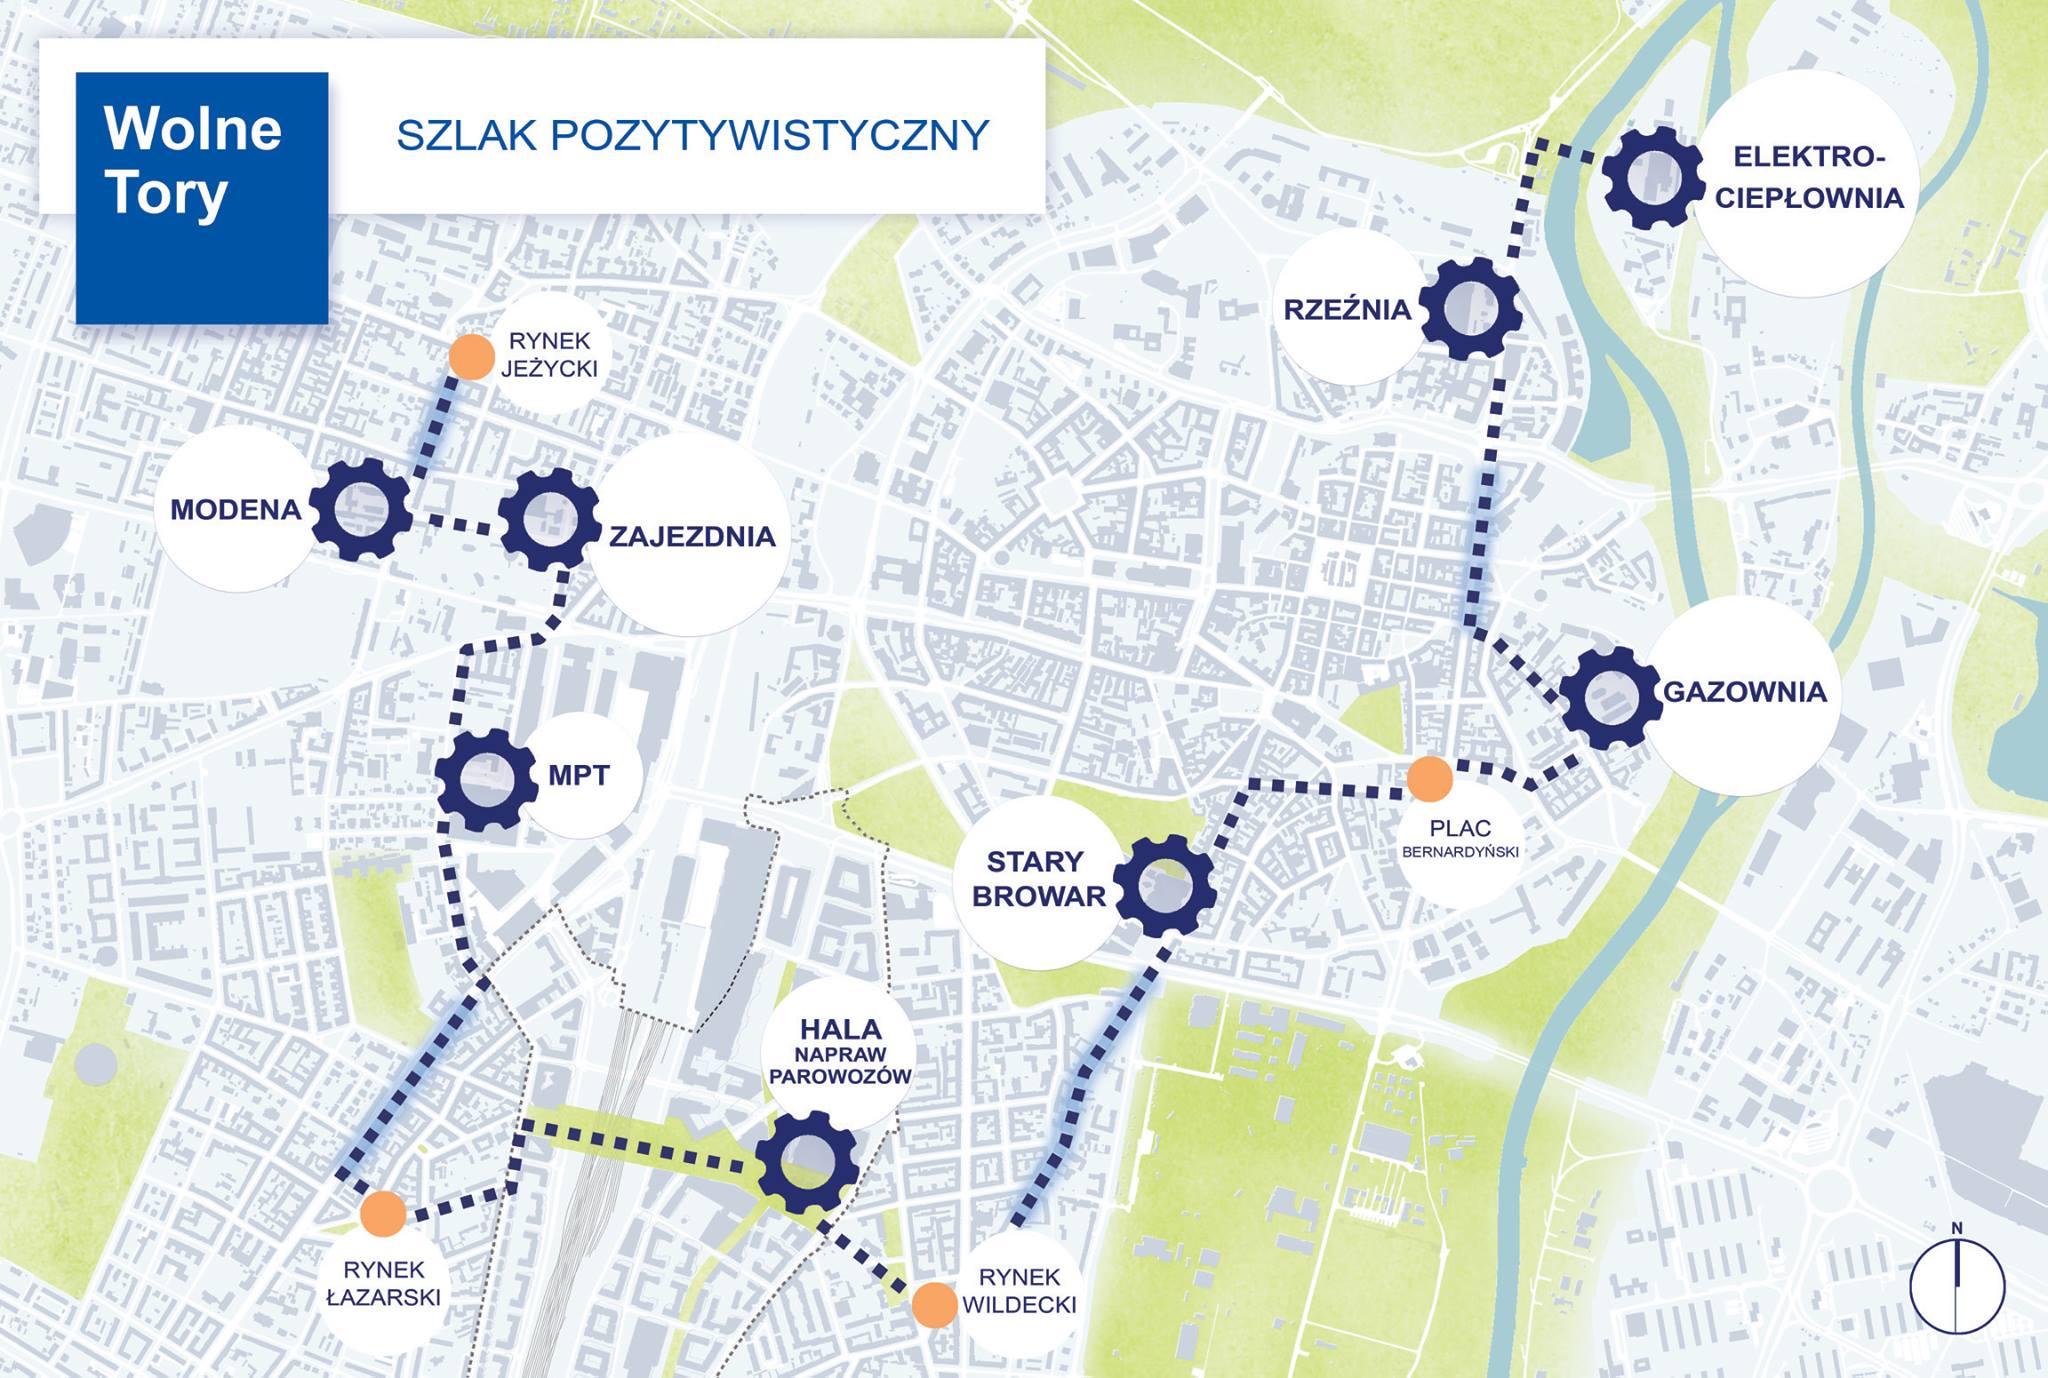 Poznań Szlak Pozytywistyczny trasa mapa